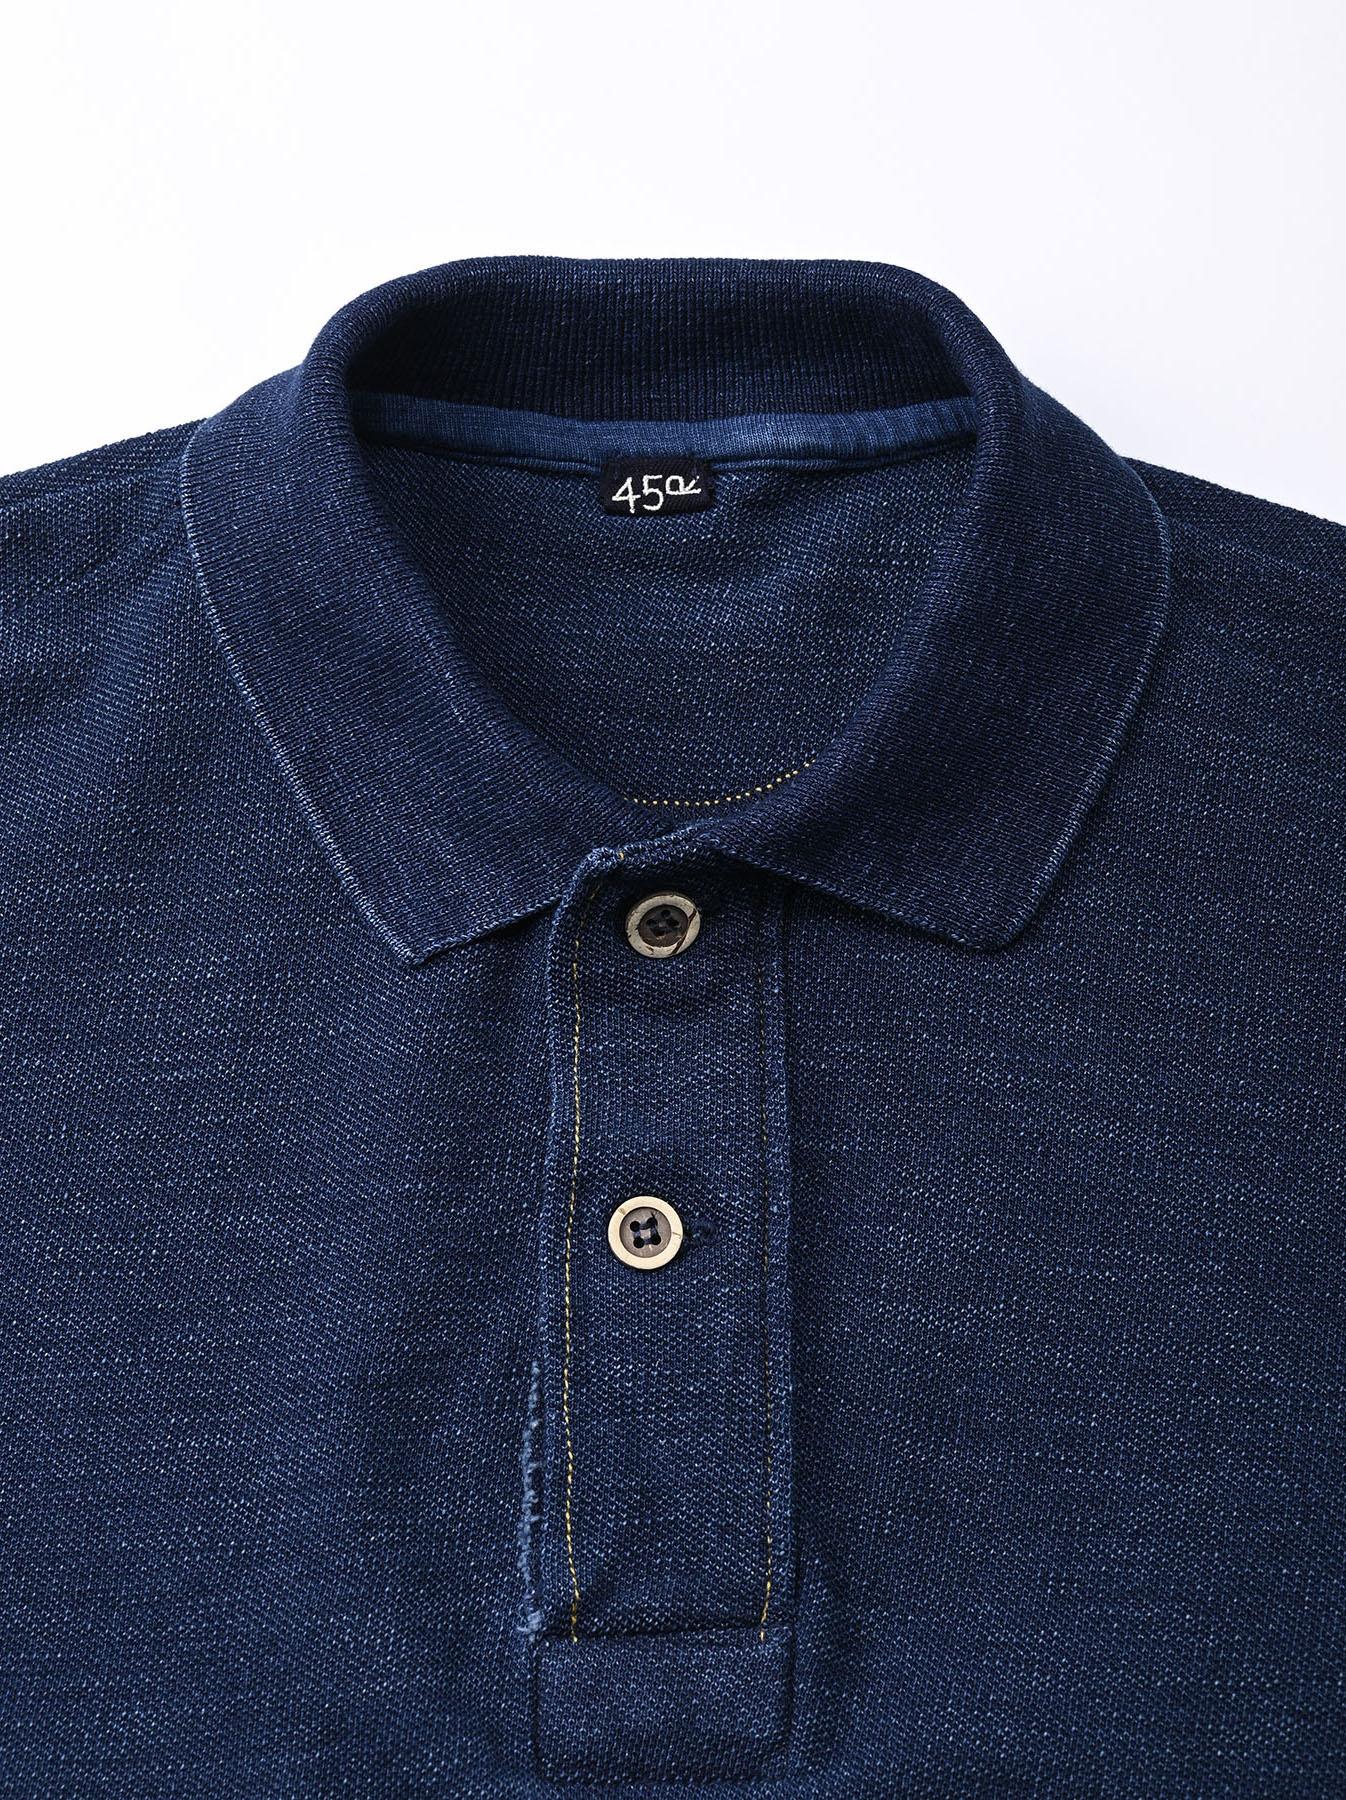 Indigo Kanoko Ocean Shiokaze Short-sleeved Polo Shirt (0521)-7